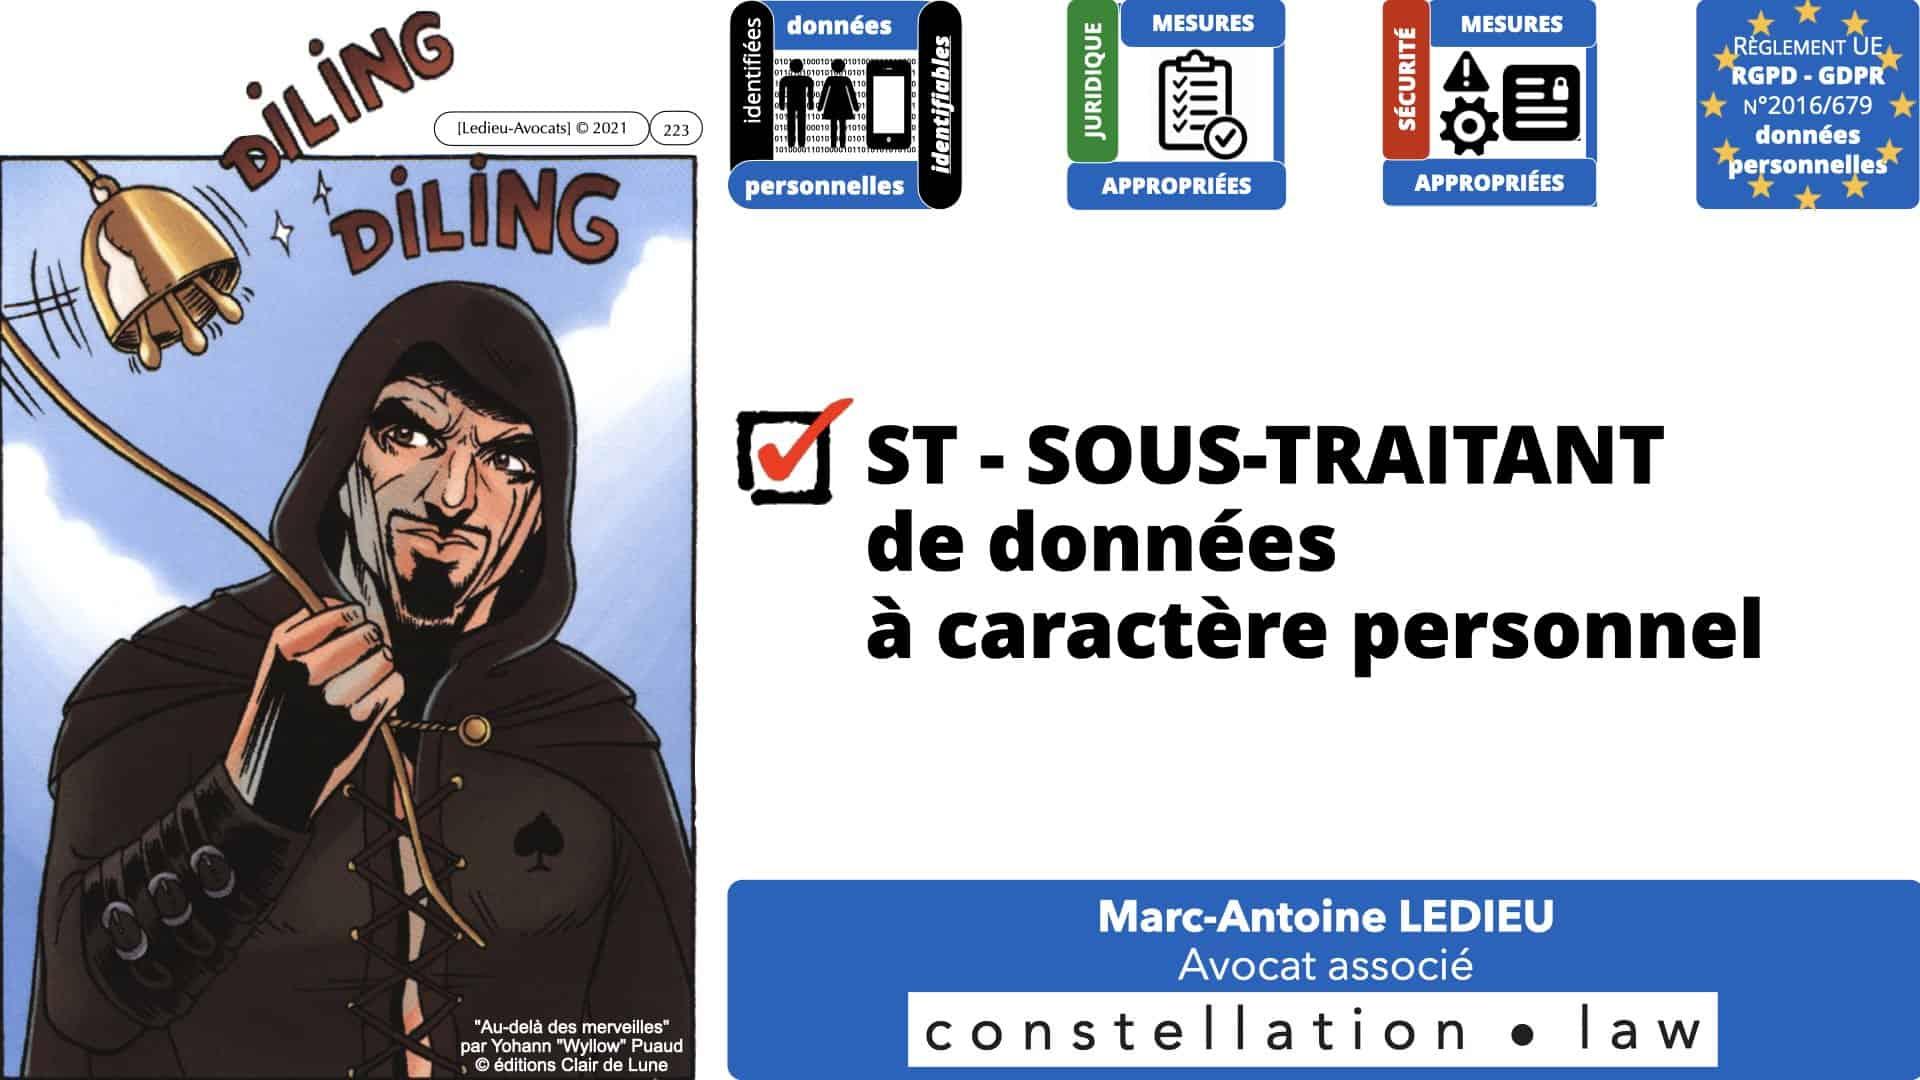 RGPD e-Privacy données personnelles jurisprudence formation Lamy Les Echos 10-02-2021 ©Ledieu-Avocats.223